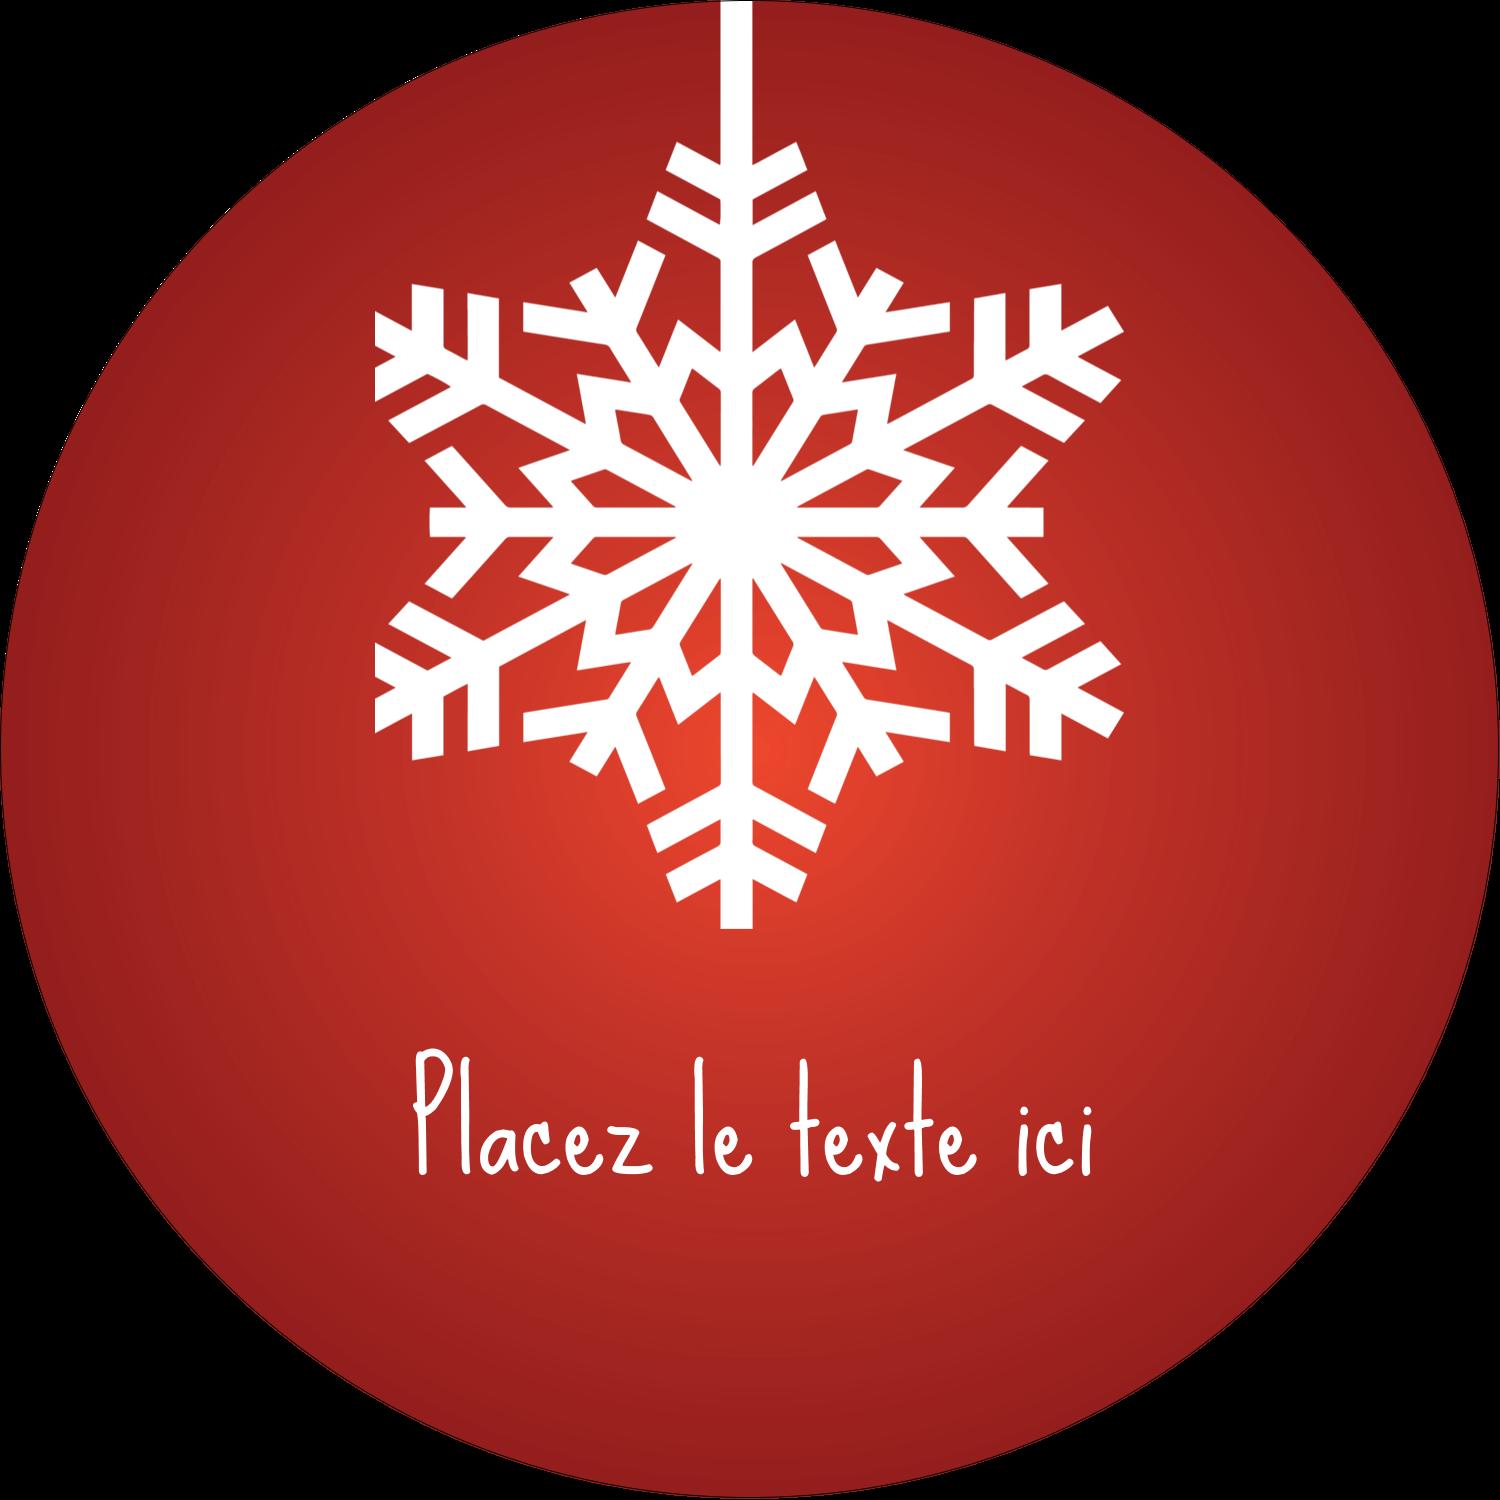 """2½"""" Diameter Étiquettes rondes - Les gabarits Flocons de neige en feutre pour votre prochain projet des Fêtes"""